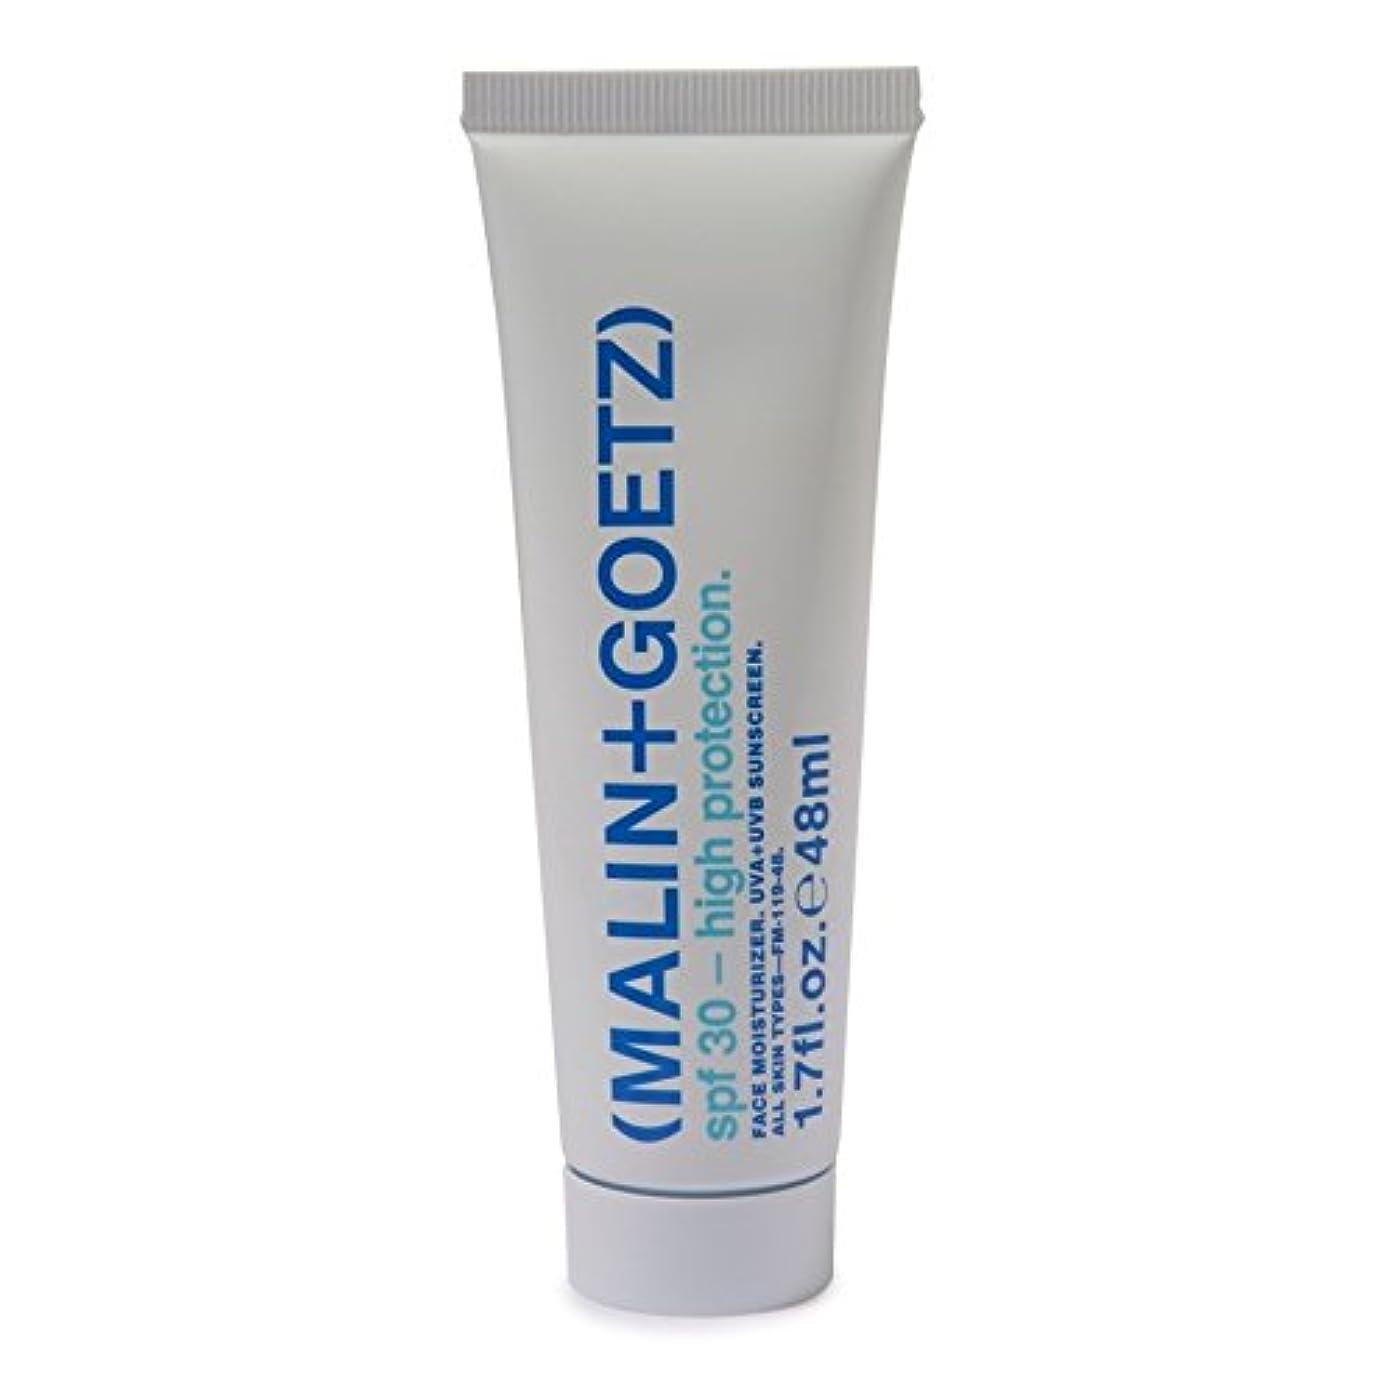 公欺耐えられないマリン+ゲッツ顔の保湿剤の 30 48ミリリットル x2 - MALIN+GOETZ Face Moisturiser SPF 30 48ml (Pack of 2) [並行輸入品]